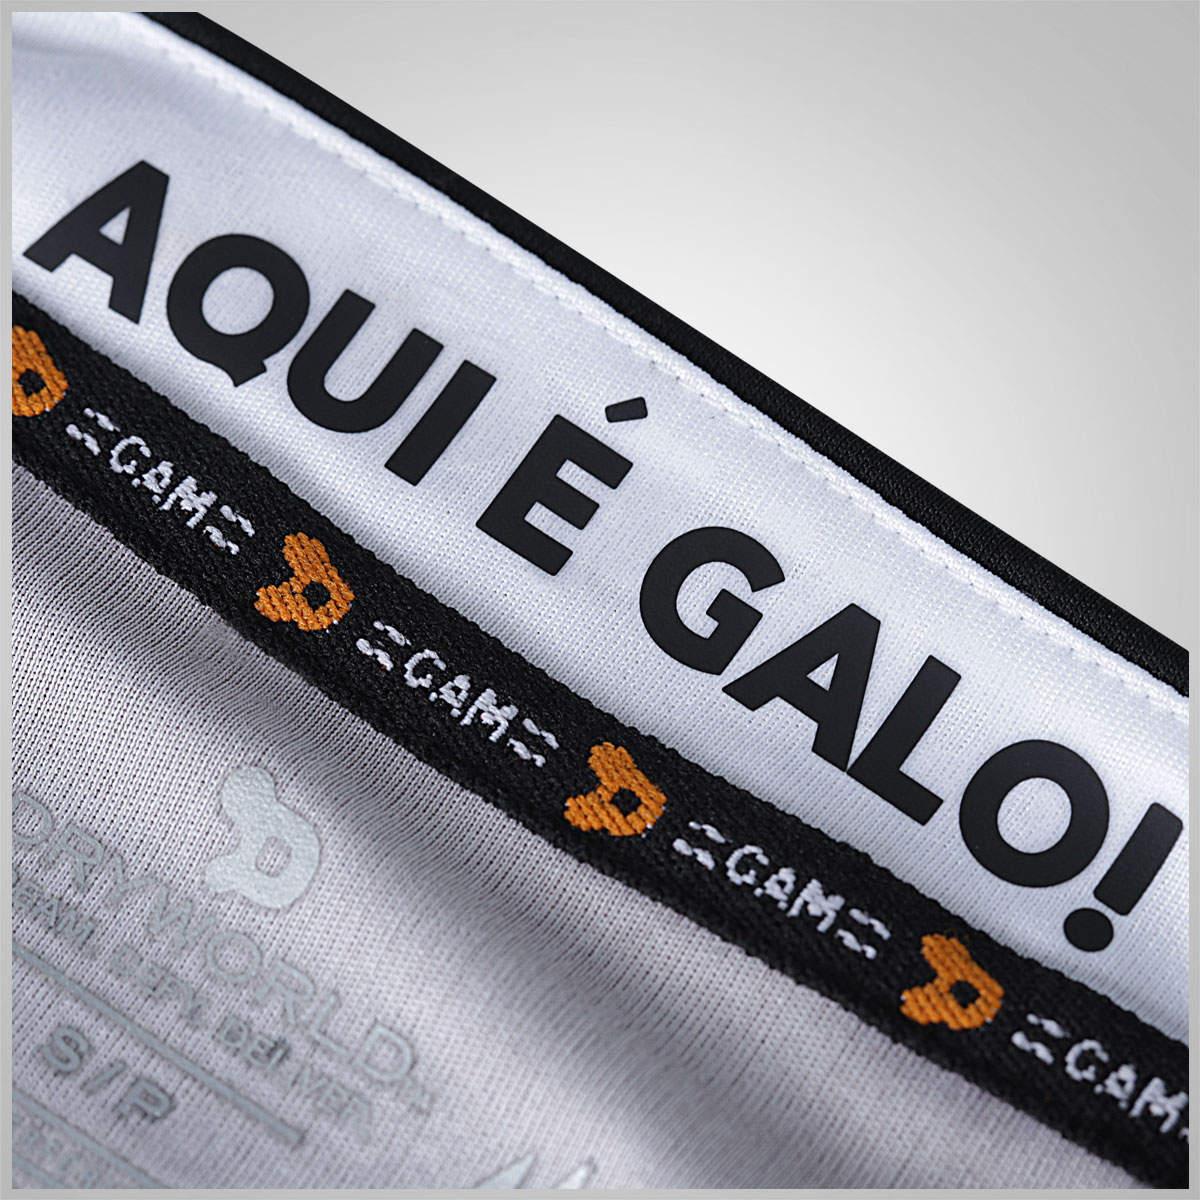 ... MasculinasCamisa Atlético Mineiro I 2016 nº 7 – Dryworld oficial  Robinho. 🔍. 1  2 01fe9e5950b78